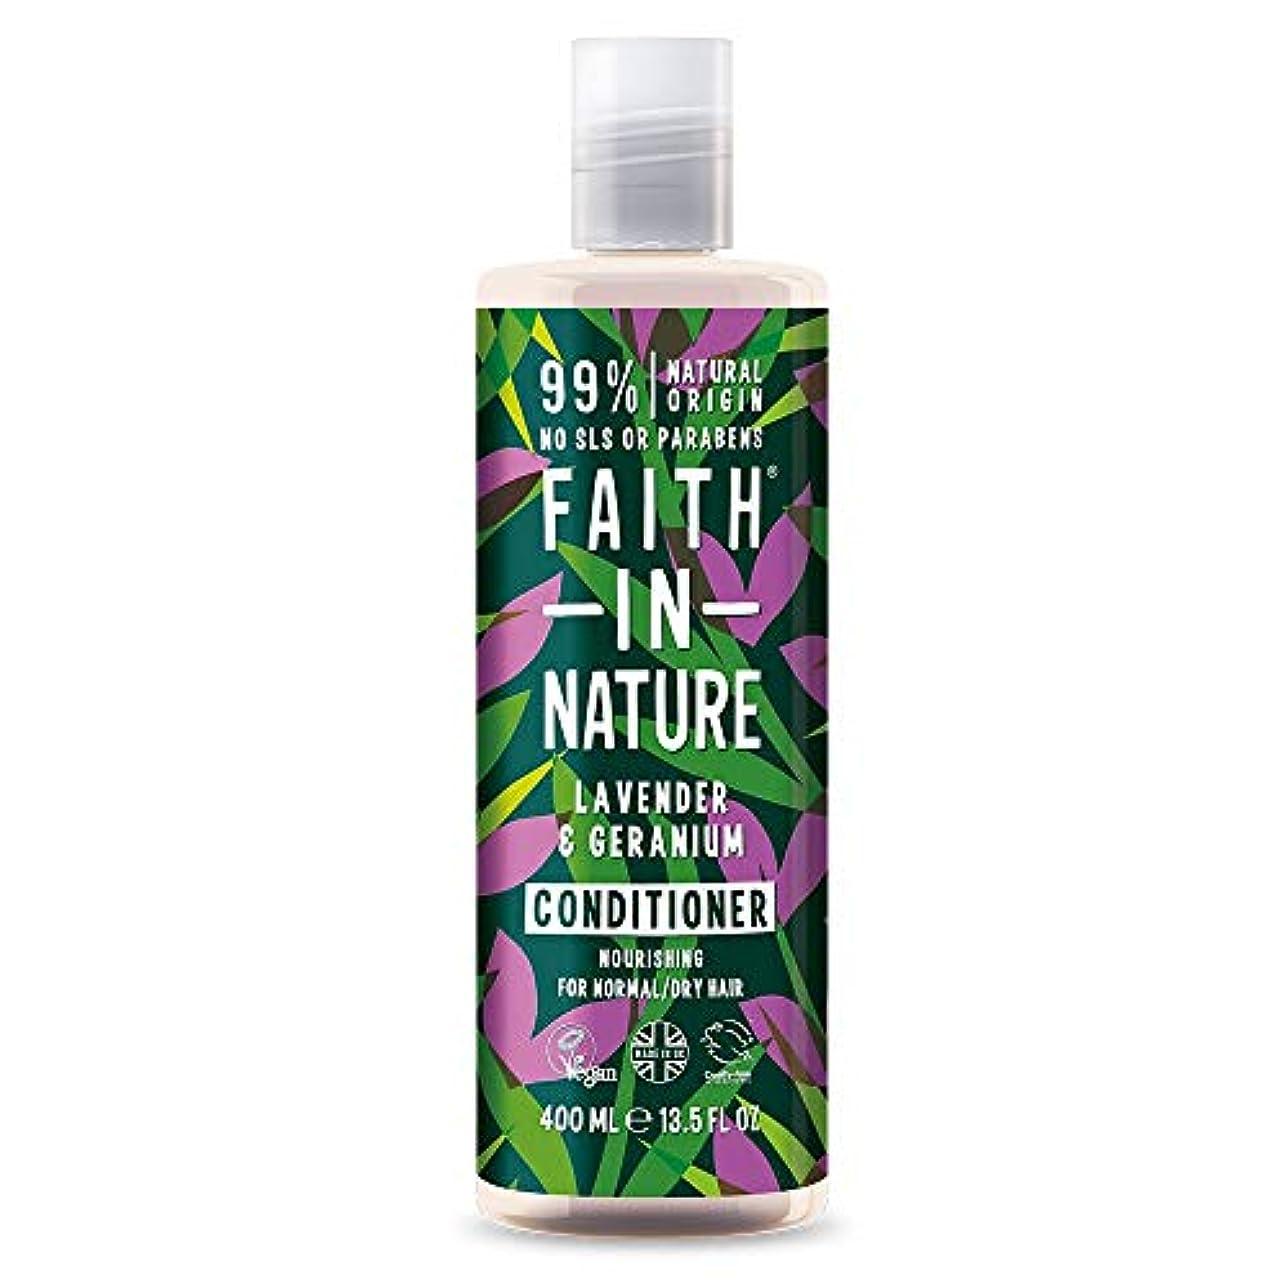 わざわざ本事務所Faith In Nature Lavender & Geranium Conditioner Normal To Dry Hair 400ml